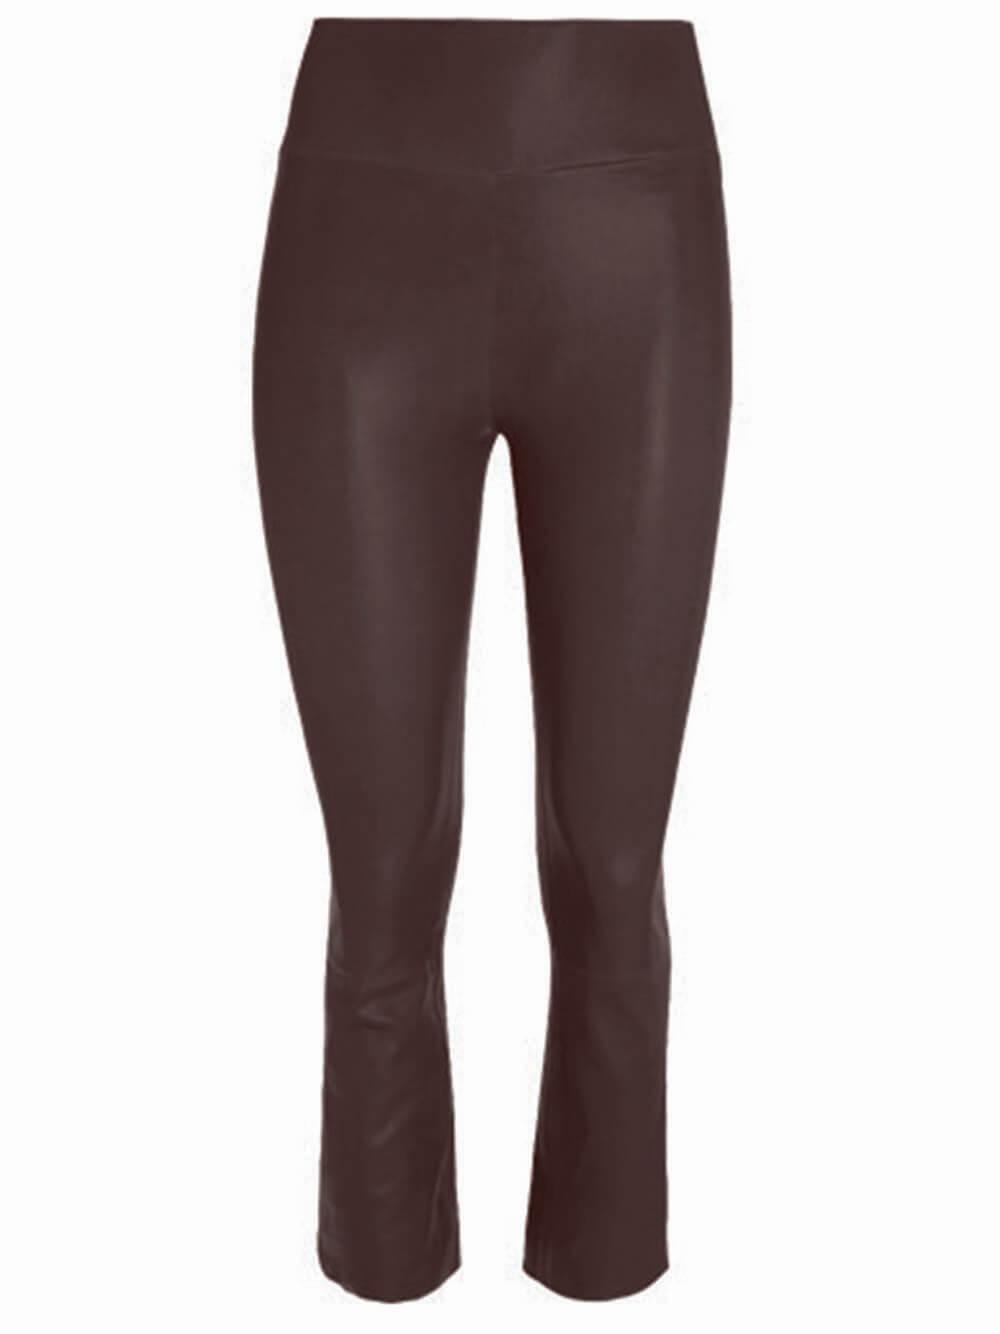 Crop Flare Leather Legging Item # FLR015L-C